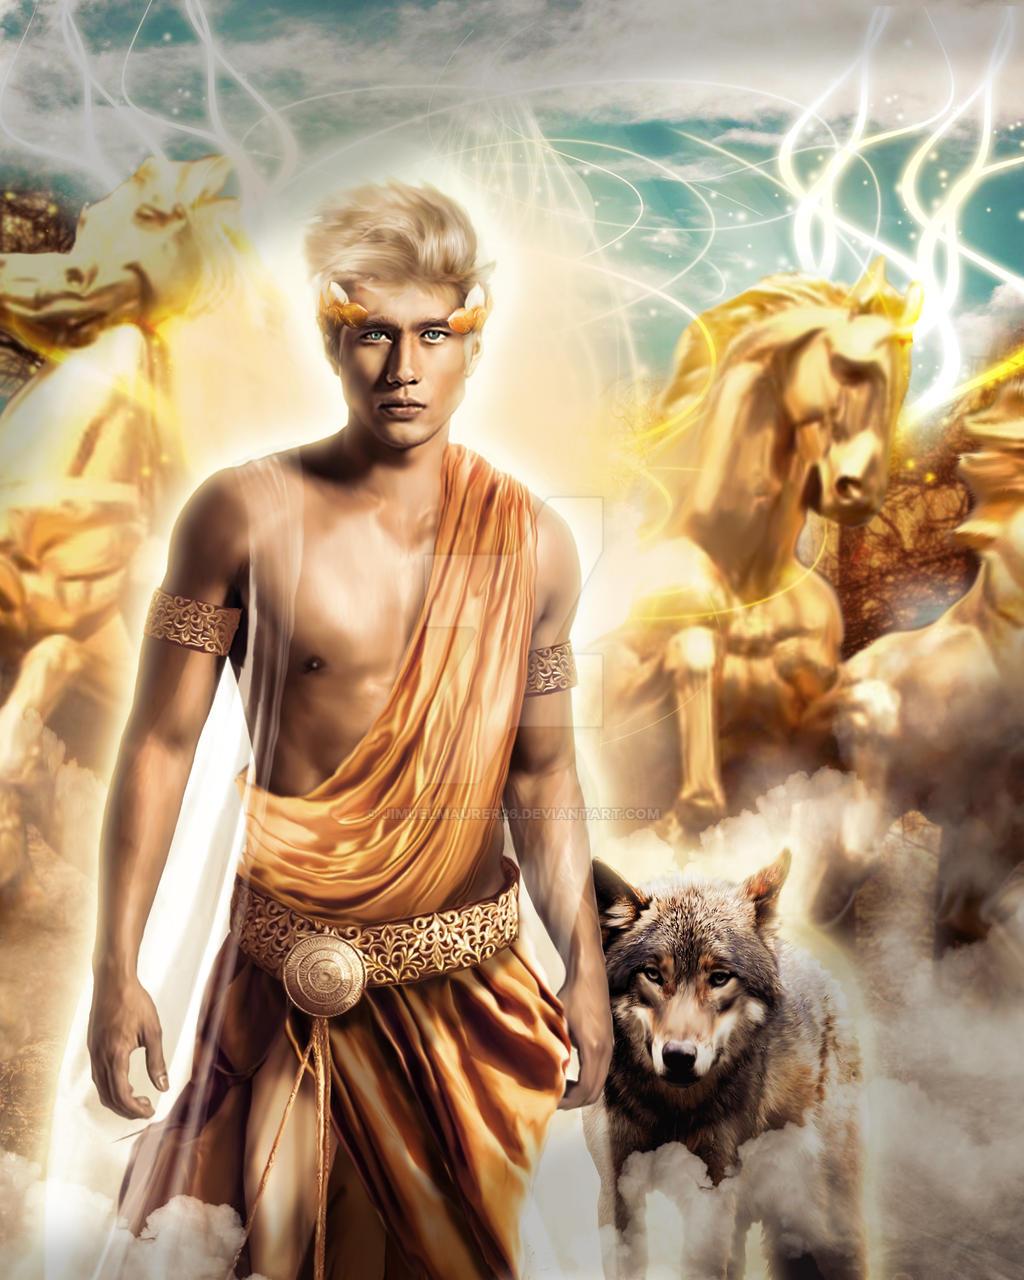 Greek God Of Chance